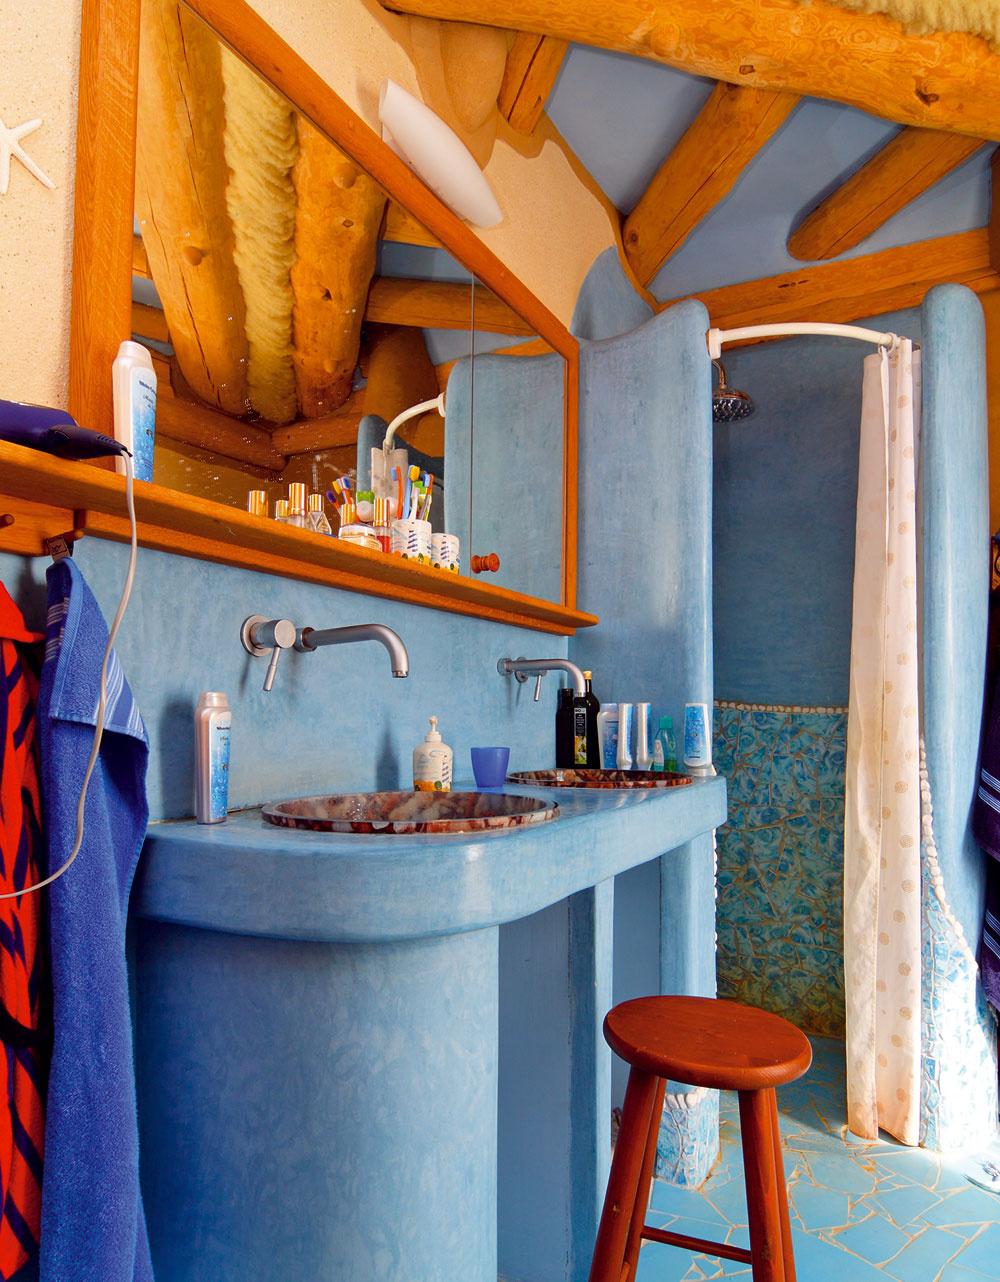 """""""Keď sme zariaďovali kúpeľňu, vybrala som si krásne kachličky. Manžel ich však nechal rozbiť, vraj sa sem nehodili. Teraz pri údržbu vždy musím použiť kefu,"""" posťažovala si súsmevom na manžela domáca pani."""